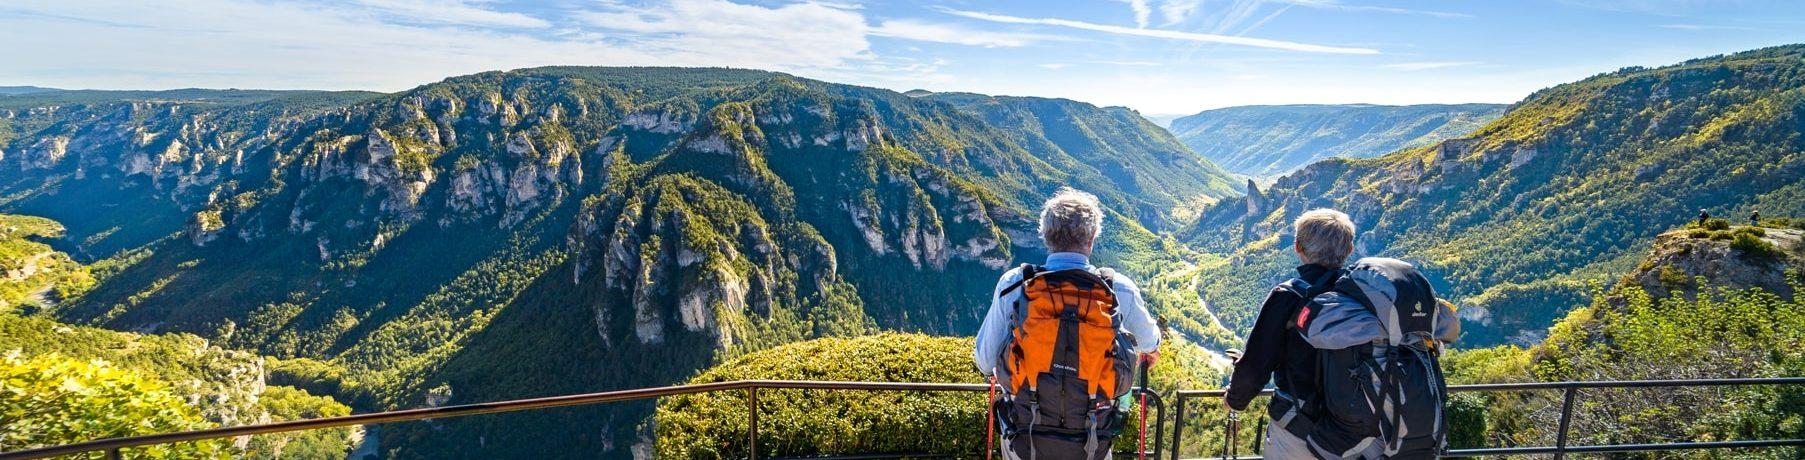 Camping Huttopia Gorges du Tarn in Les Vignes is een 3-sterrencamping in de Gorges du Tarn in de Lozère. Kom genieten van de rust en de natuur op deze camping.